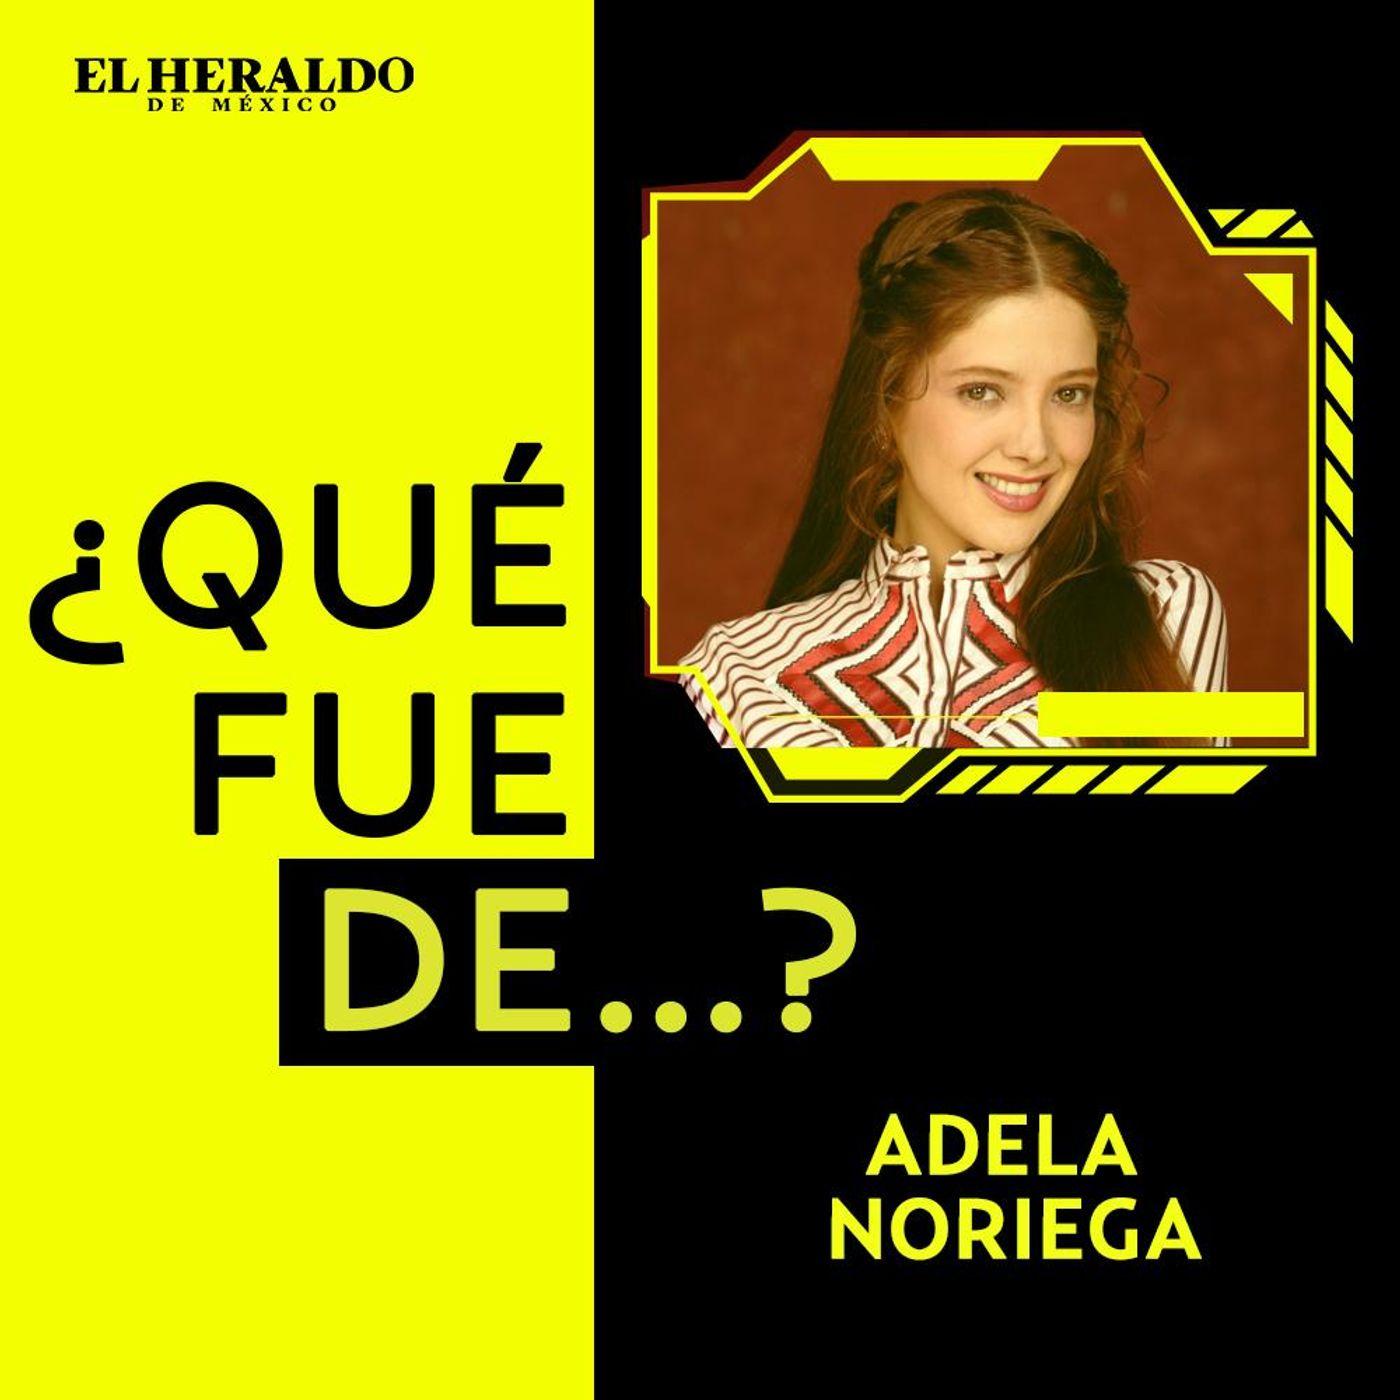 ¿Qué fue de....? Adela Noriega